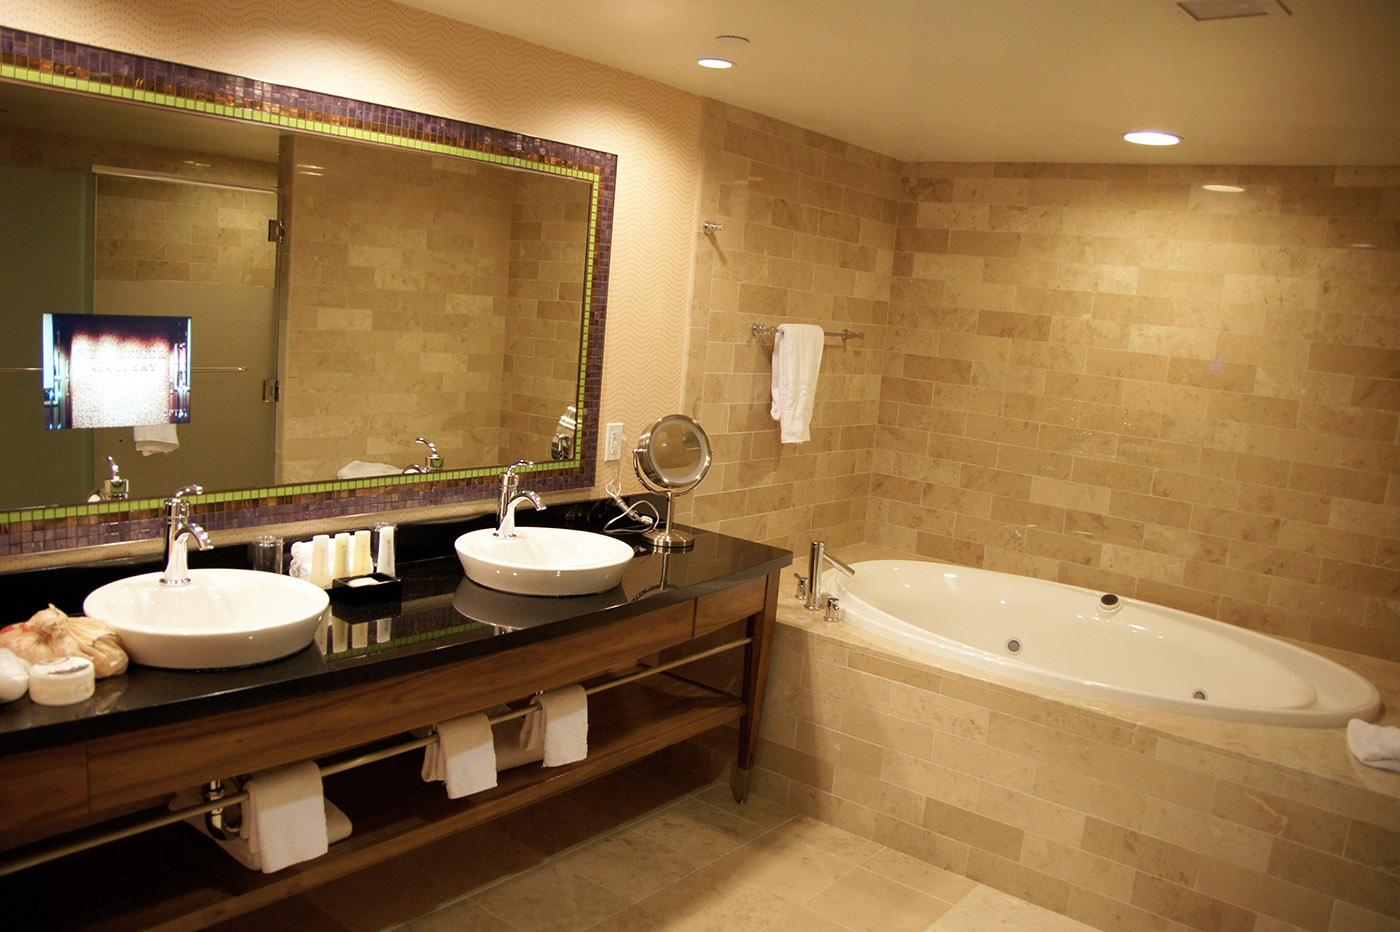 Salle de bain du Caesars Palace, célèbre hôtel à Las Vegas